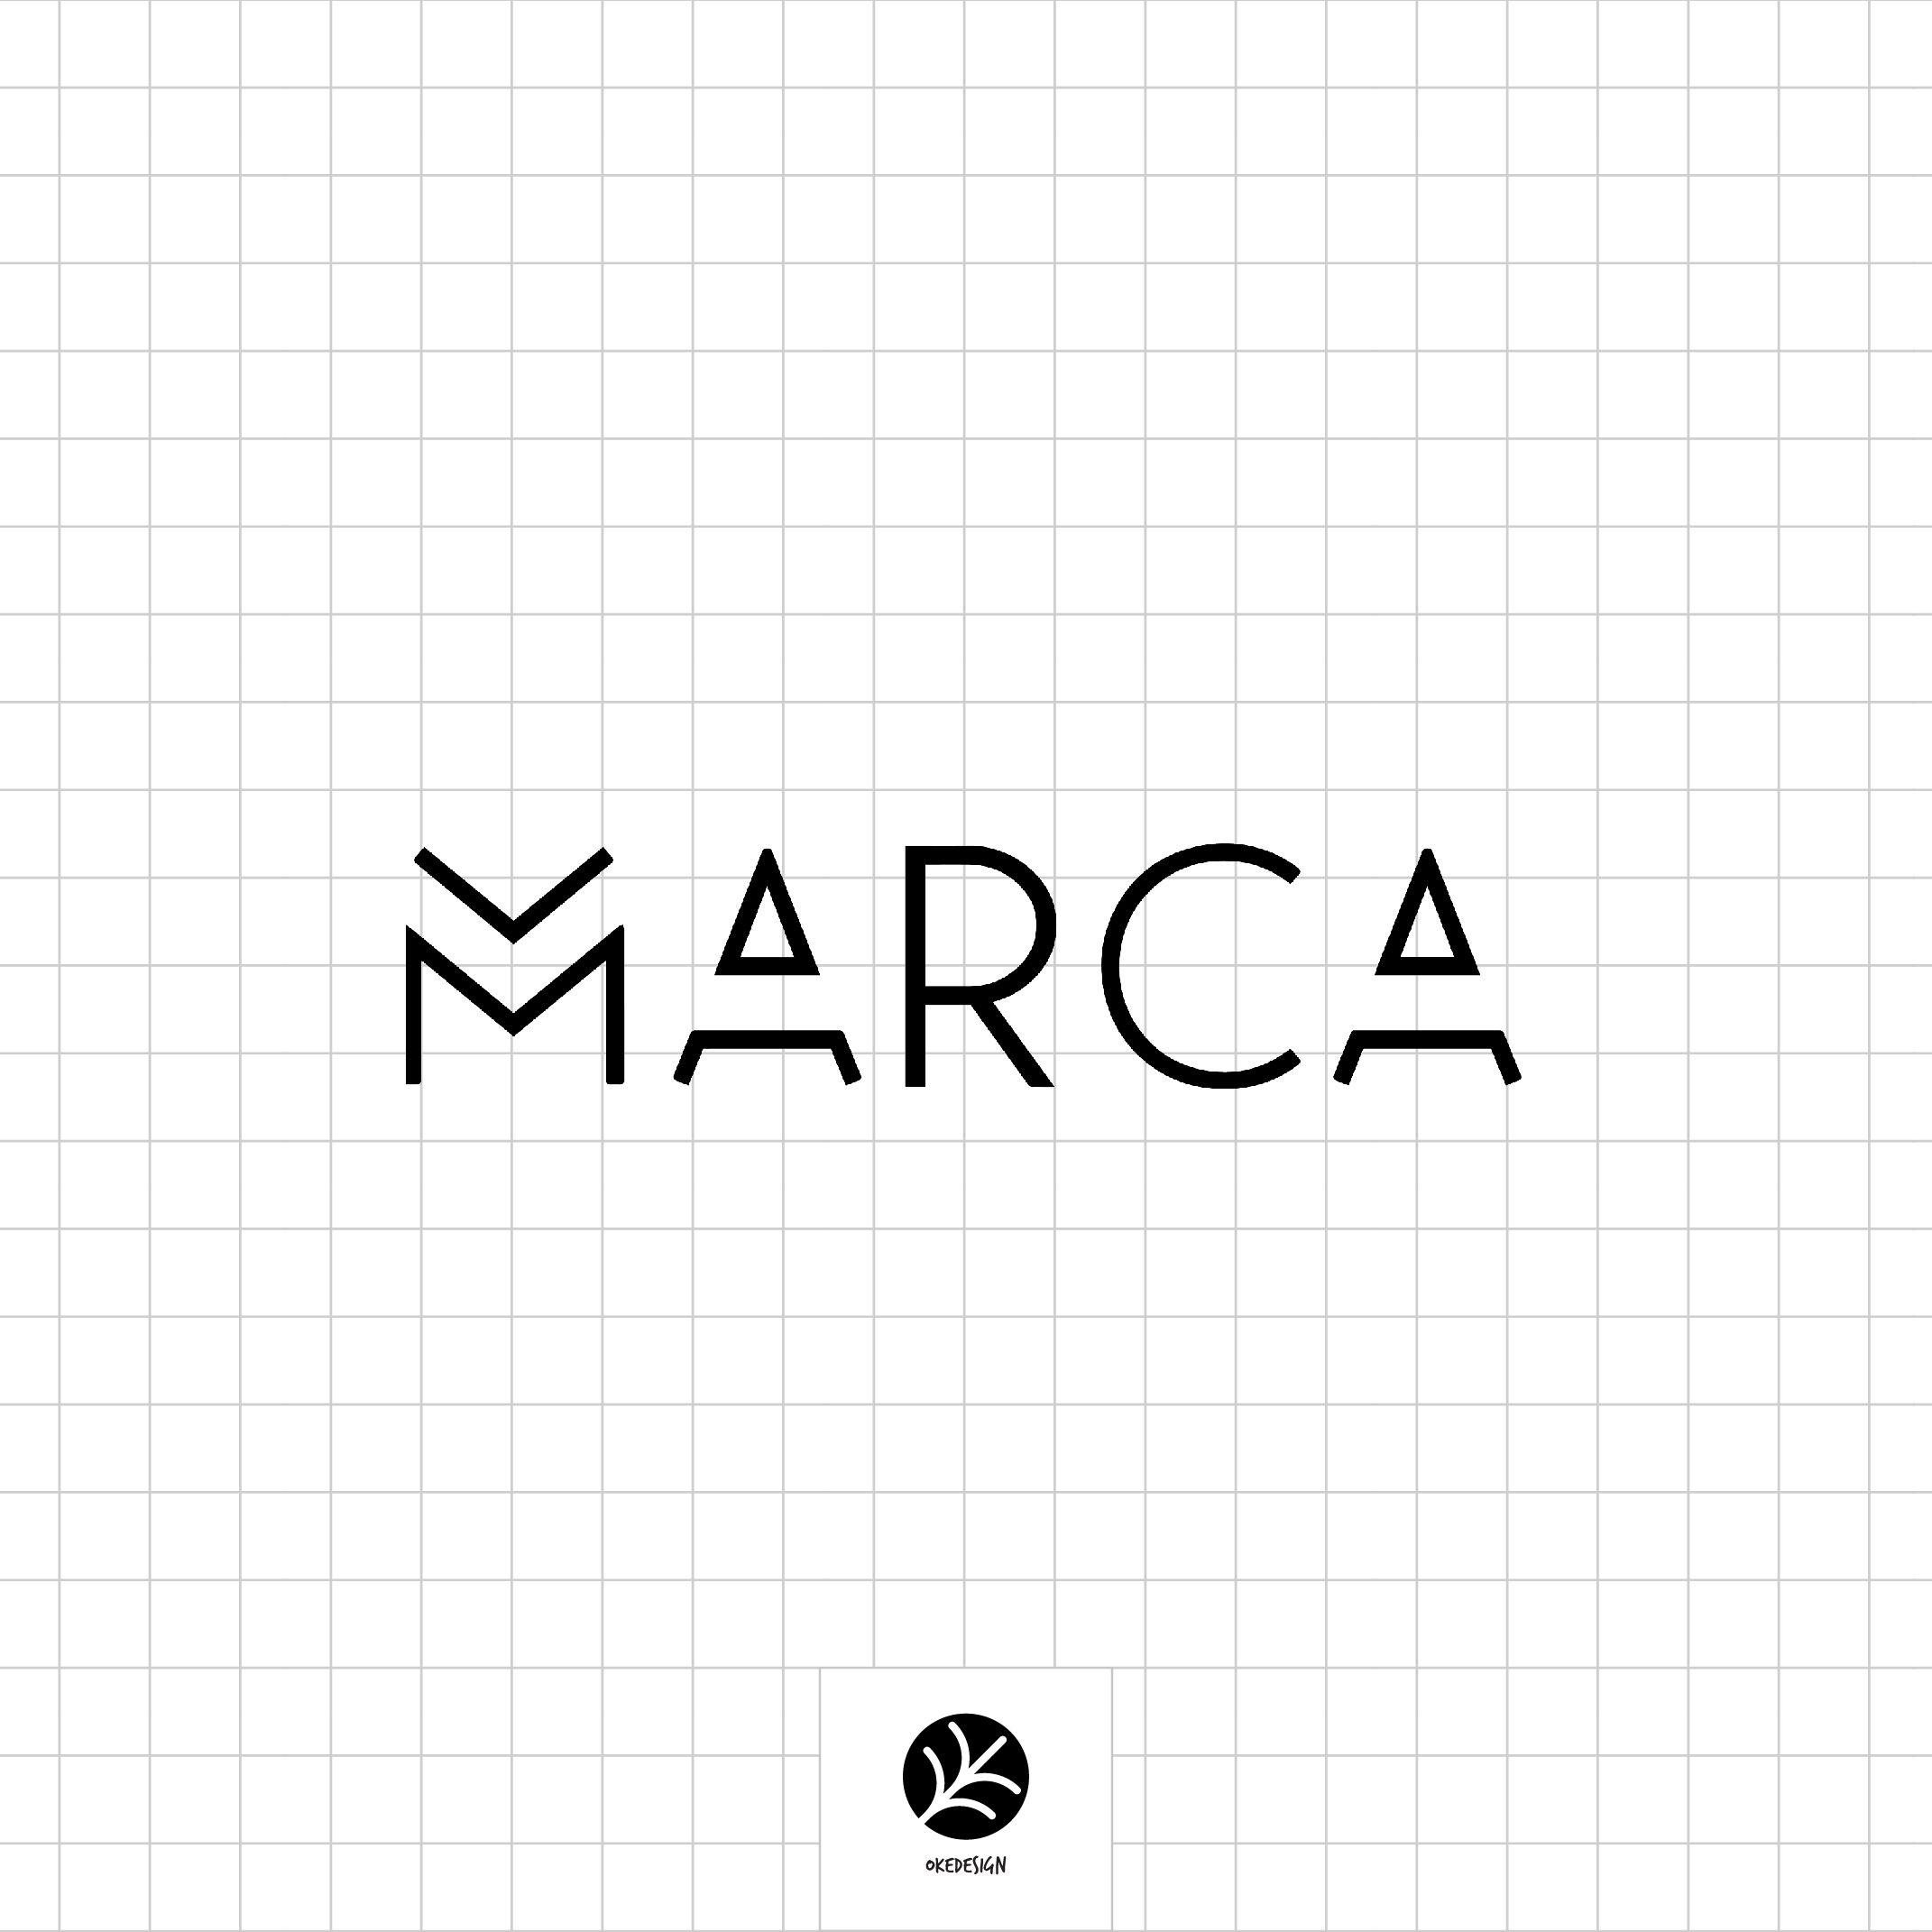 marca.apparel logo by okedesign. Marca adalah sebuah